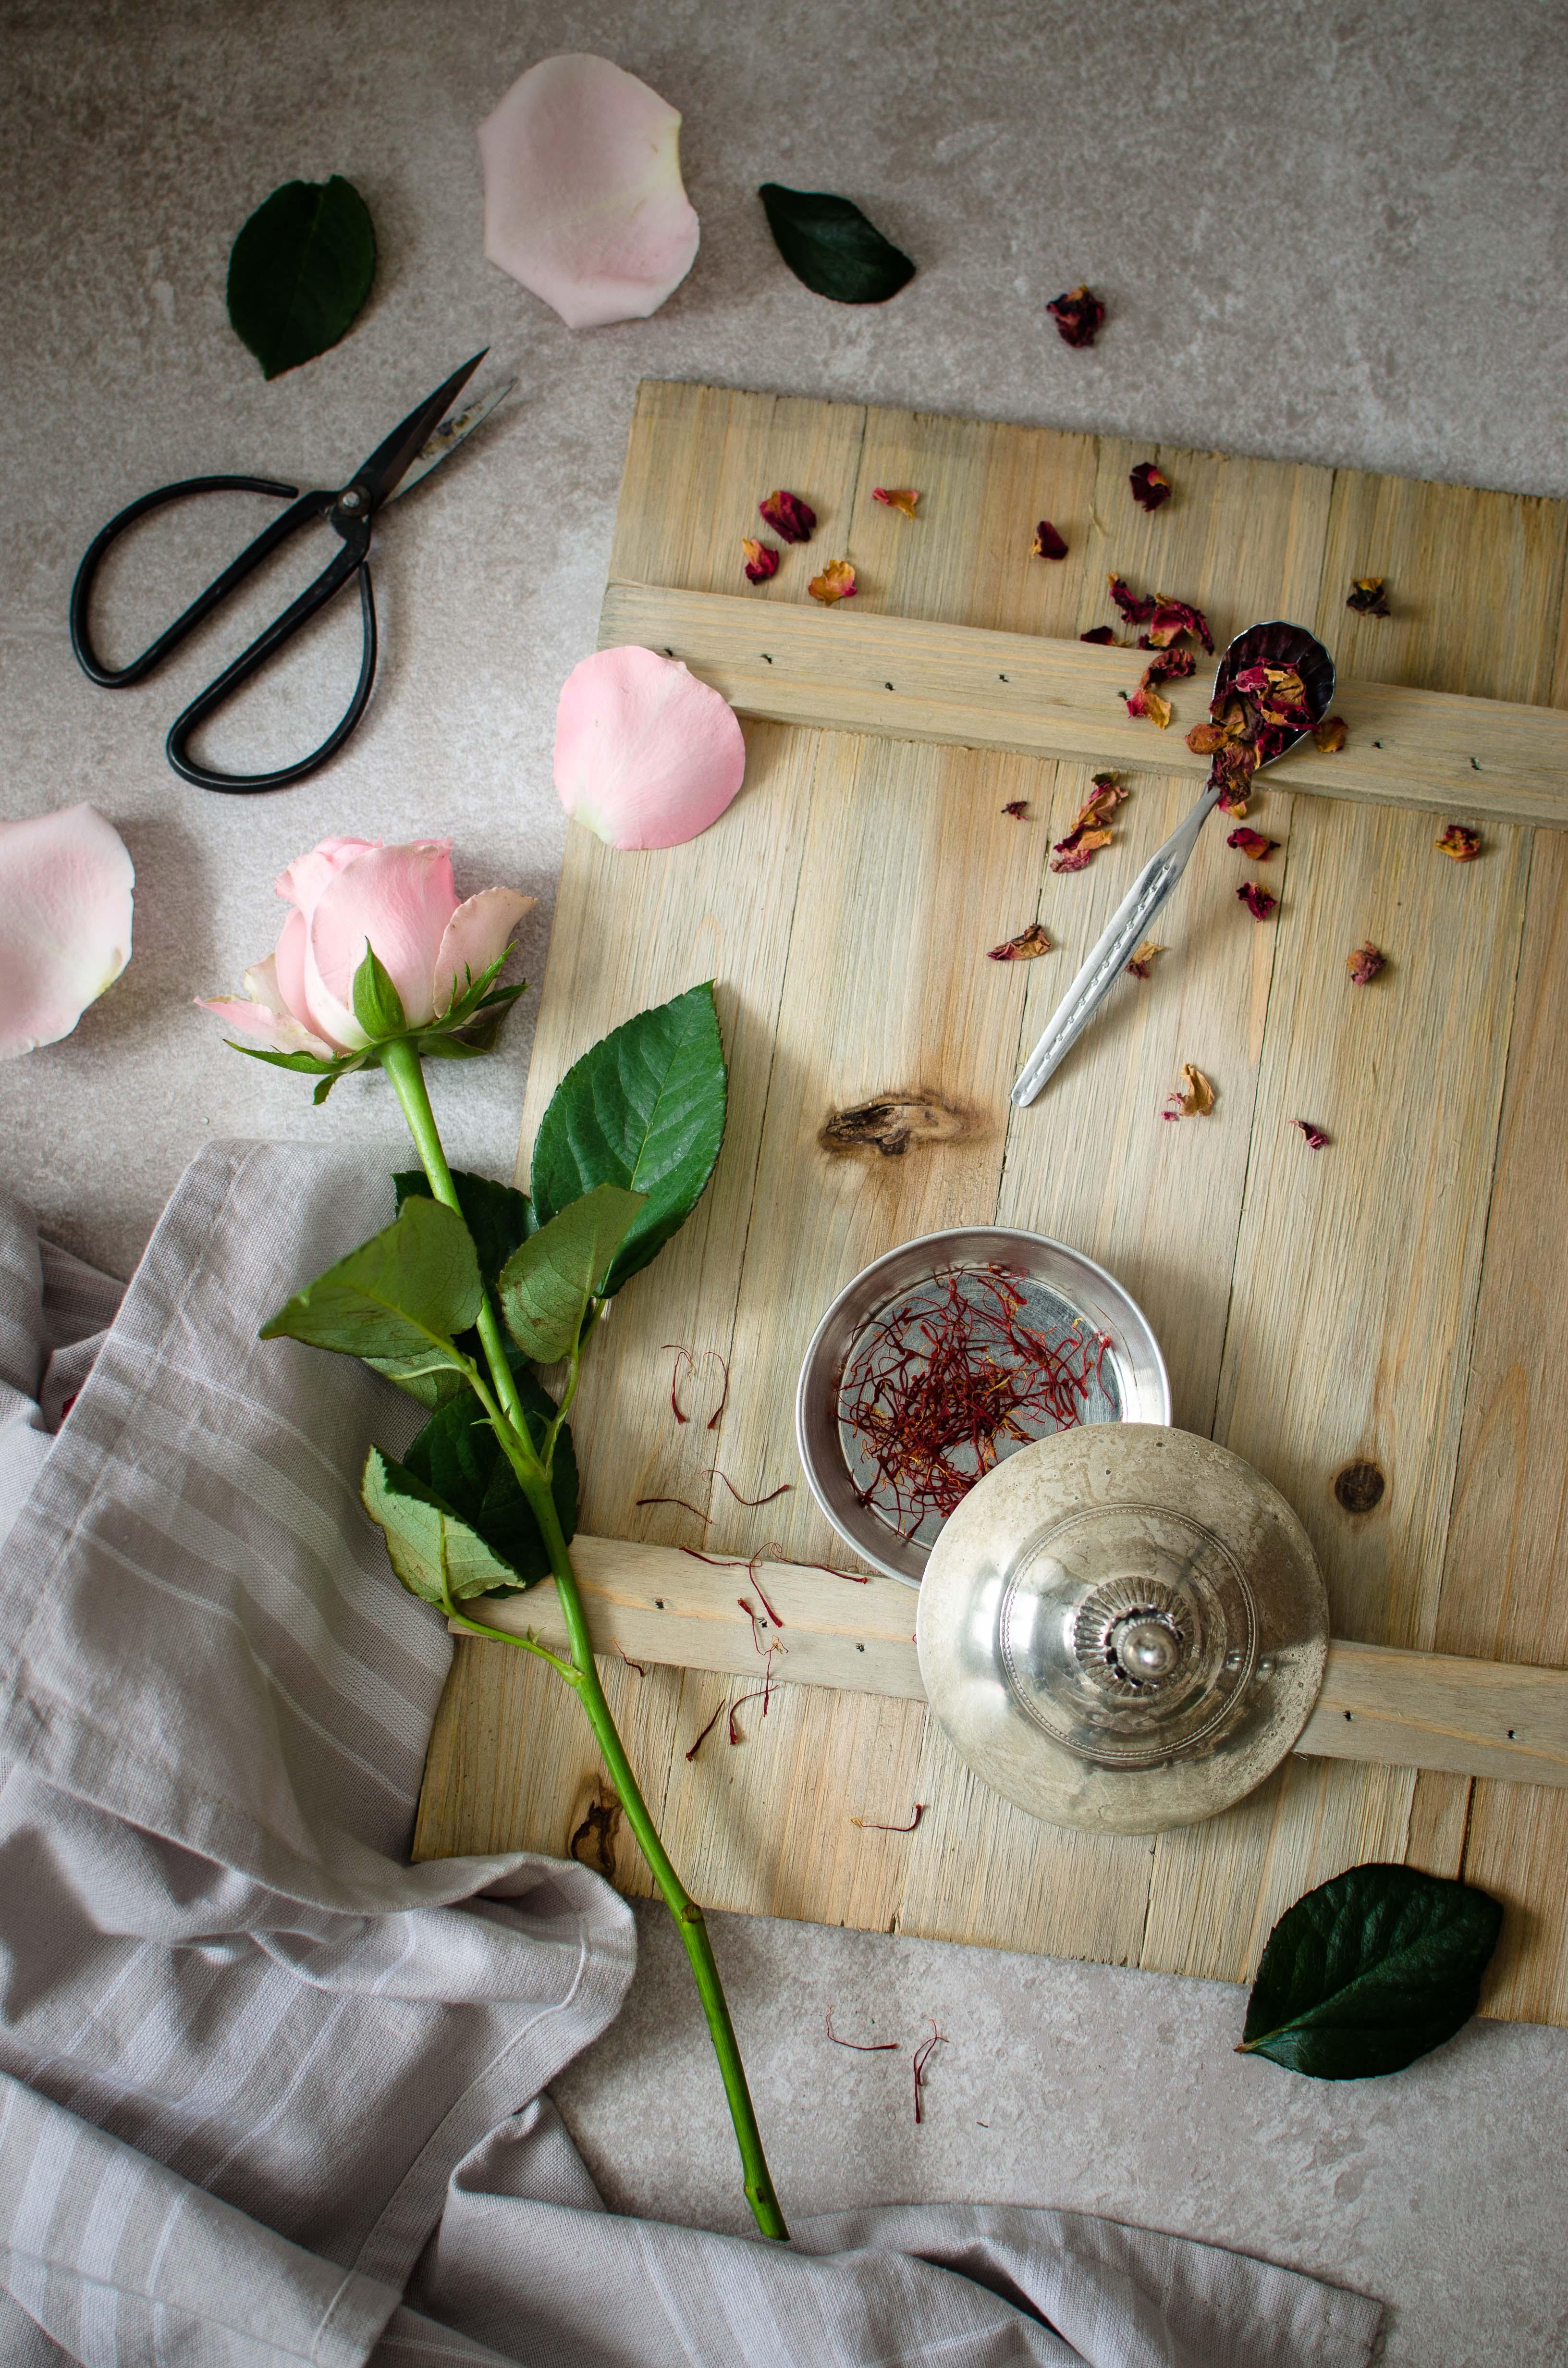 zafferano_agrumi_rosa1 Tartelette zafferano, agrumi e rose